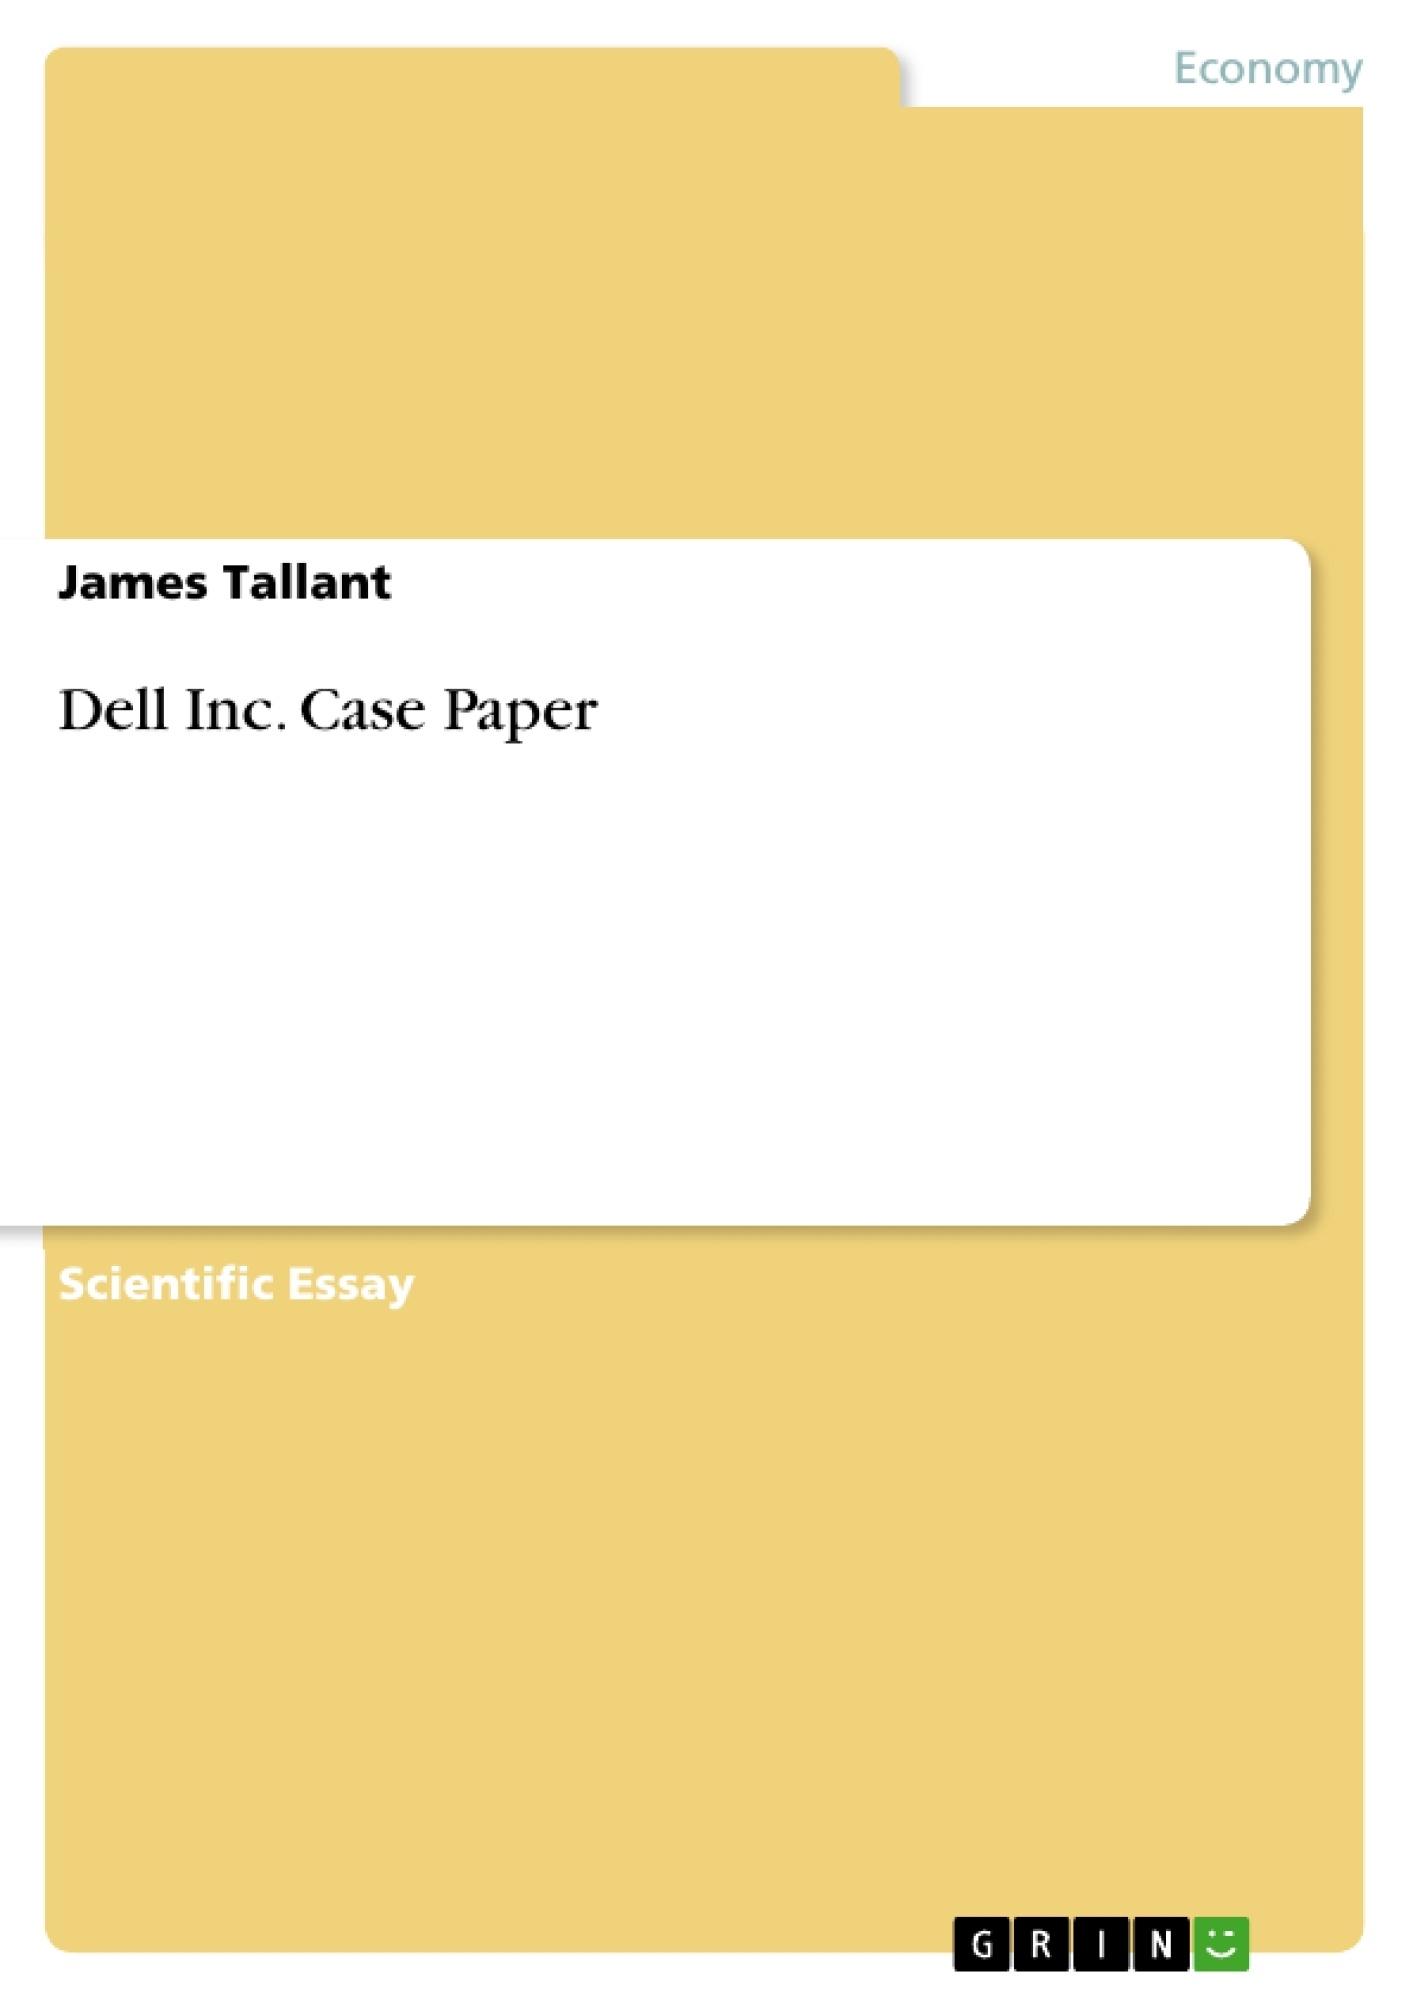 Title: Dell Inc. Case Paper